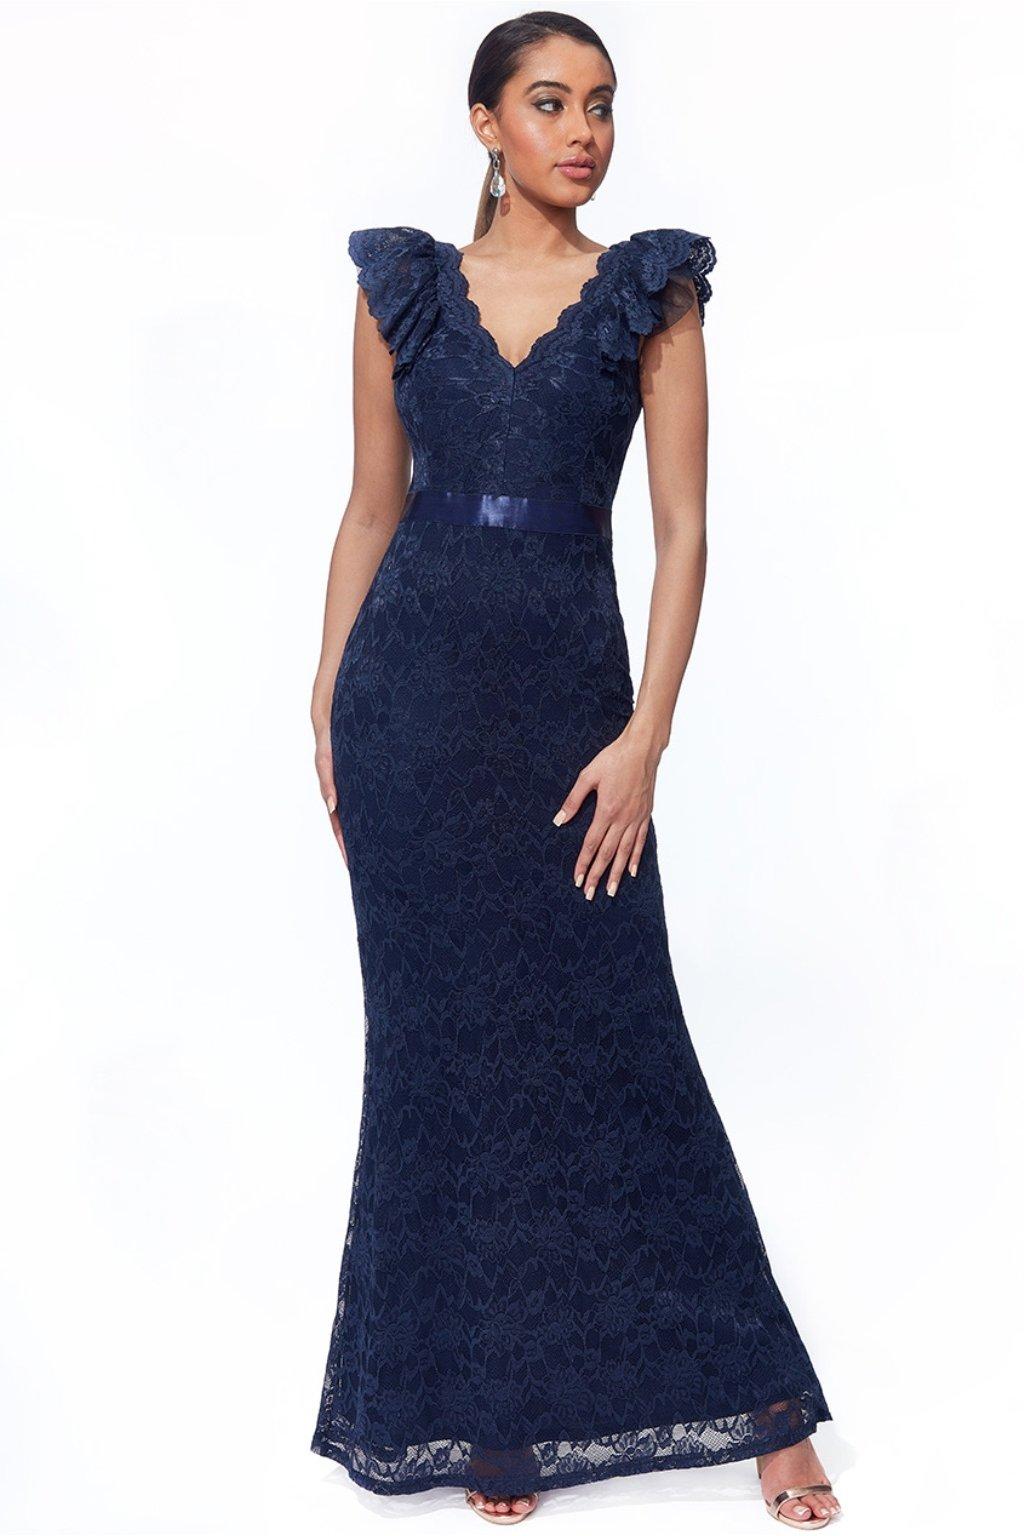 Tmavomodré čipkované priliehavé šaty